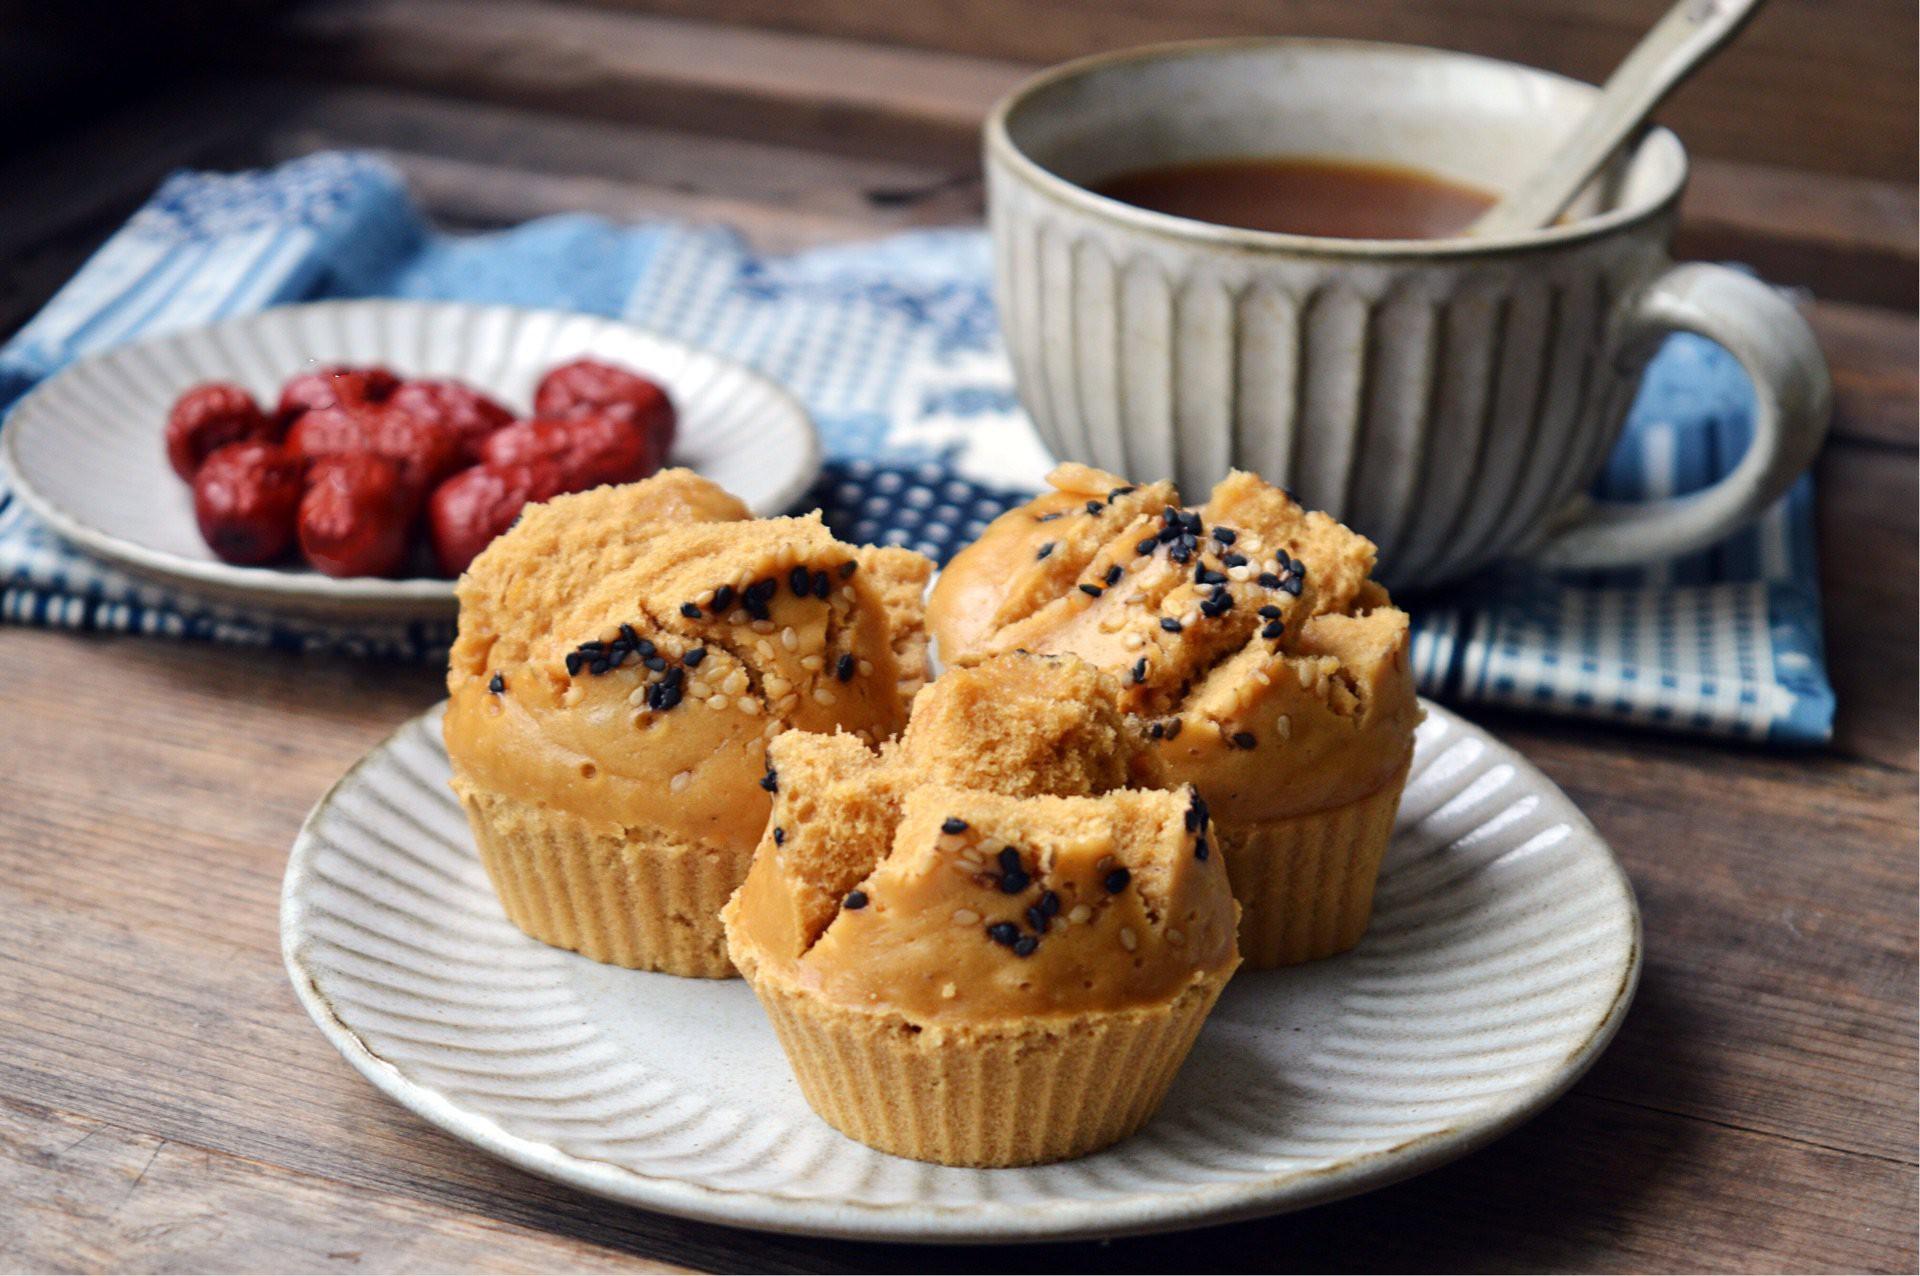 Mách bạn cách làm bánh cupcake ngon miệng đơn giản mà không cần lò nướng - Ảnh 5.